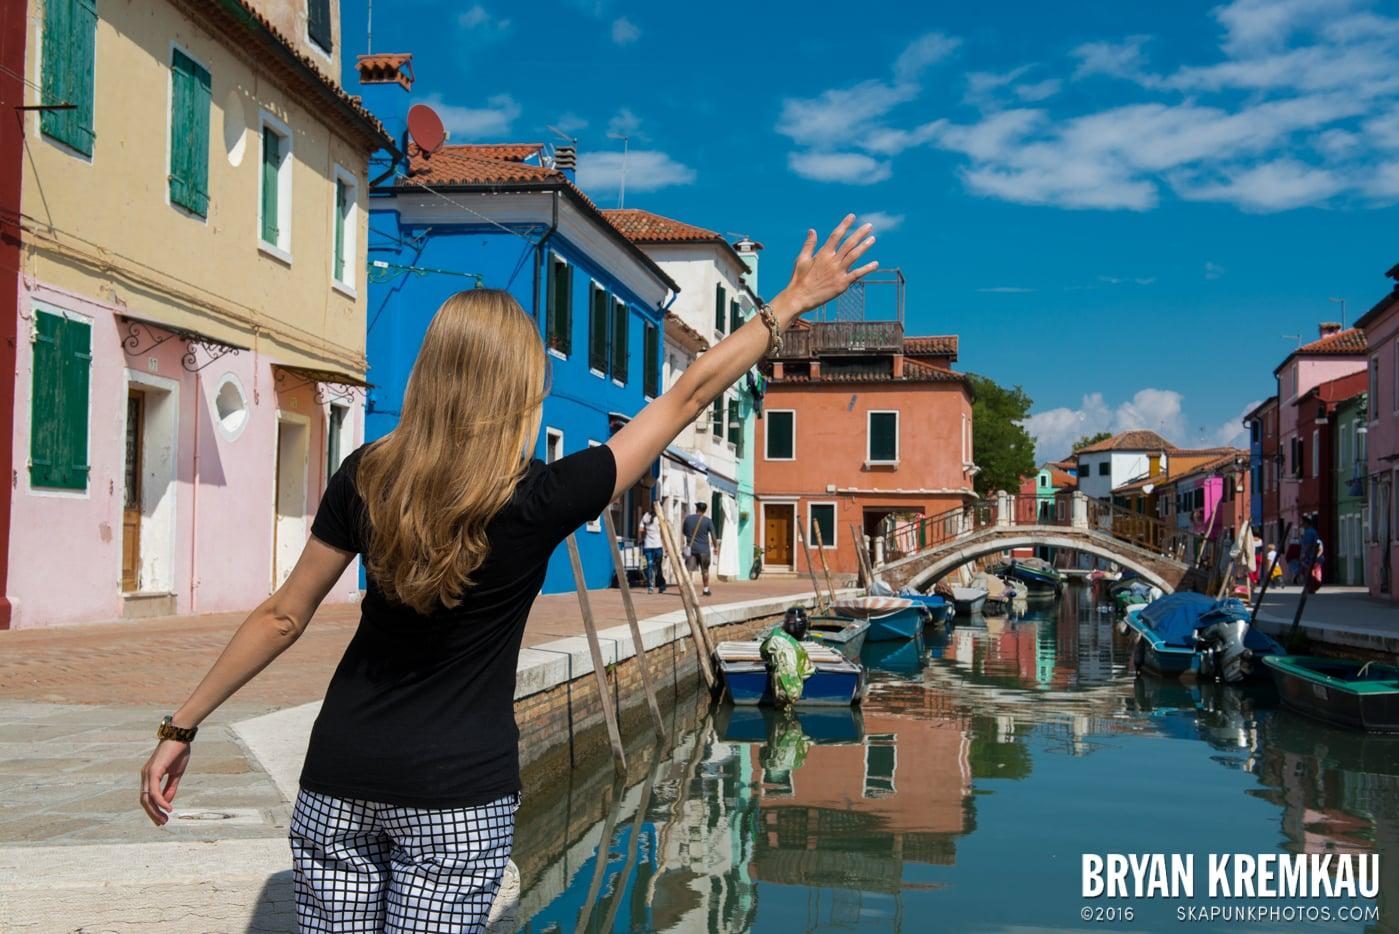 Italy Vacation - Day 6: Murano, Burano, Venice - 9.14.13 (57)